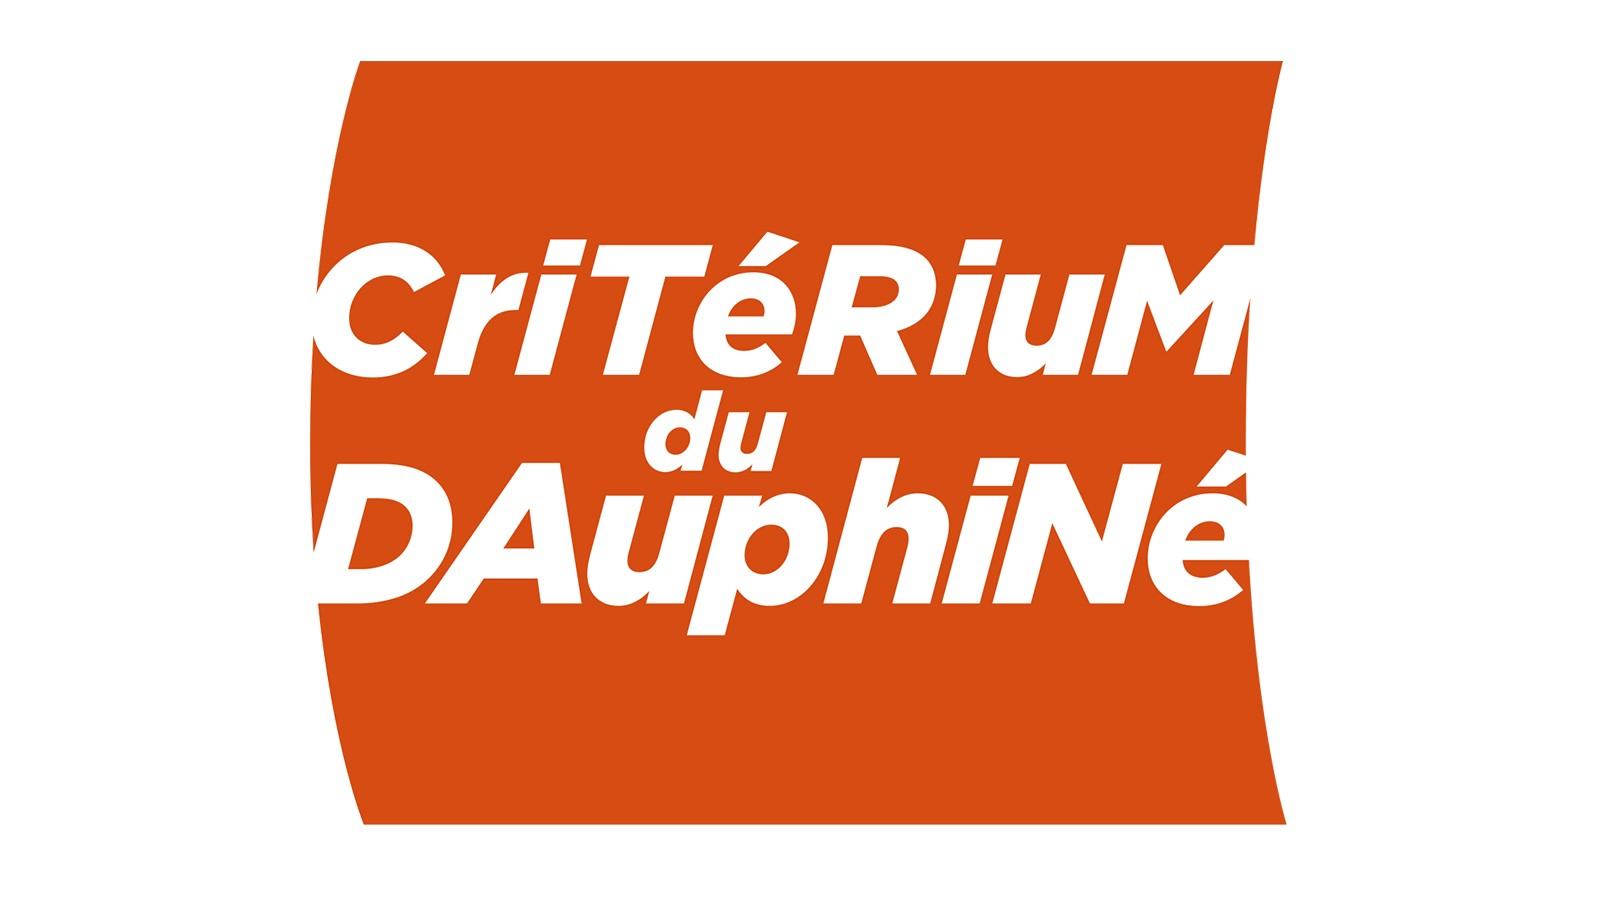 Criterium du Dauphine logo